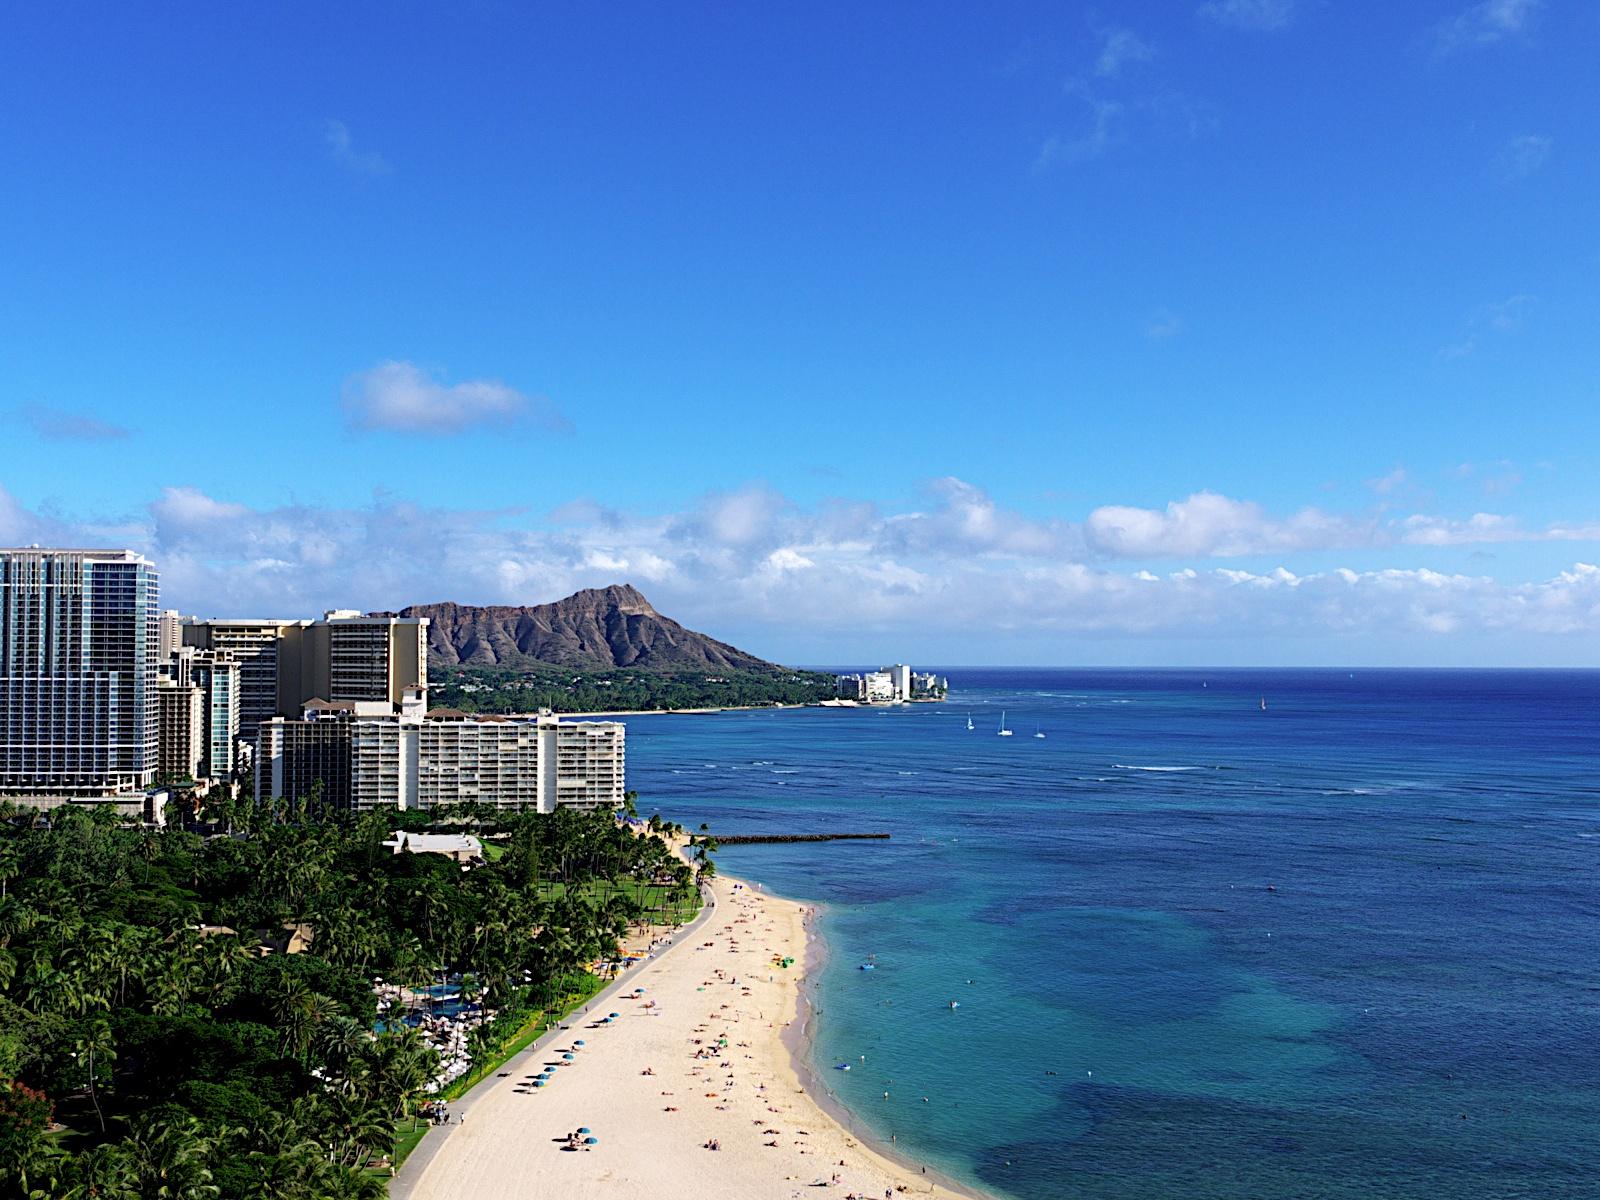 ミチヨ、ハワイへ行く⑤〜オアフ島へ